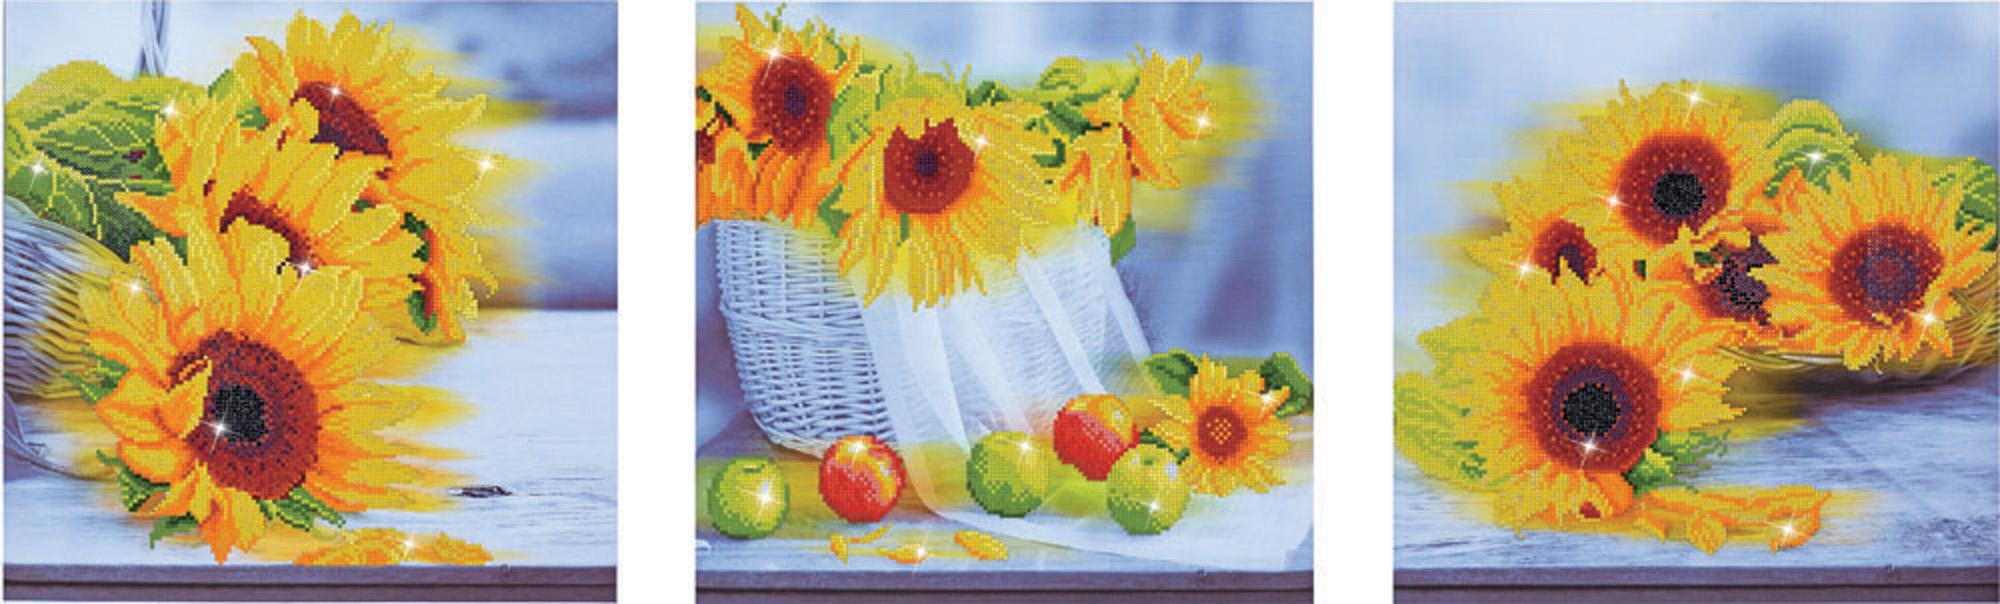 Tablou 3 în 1 cu diamante - Florile soarelui, 42 x 142 cm imagine edituradiana.ro